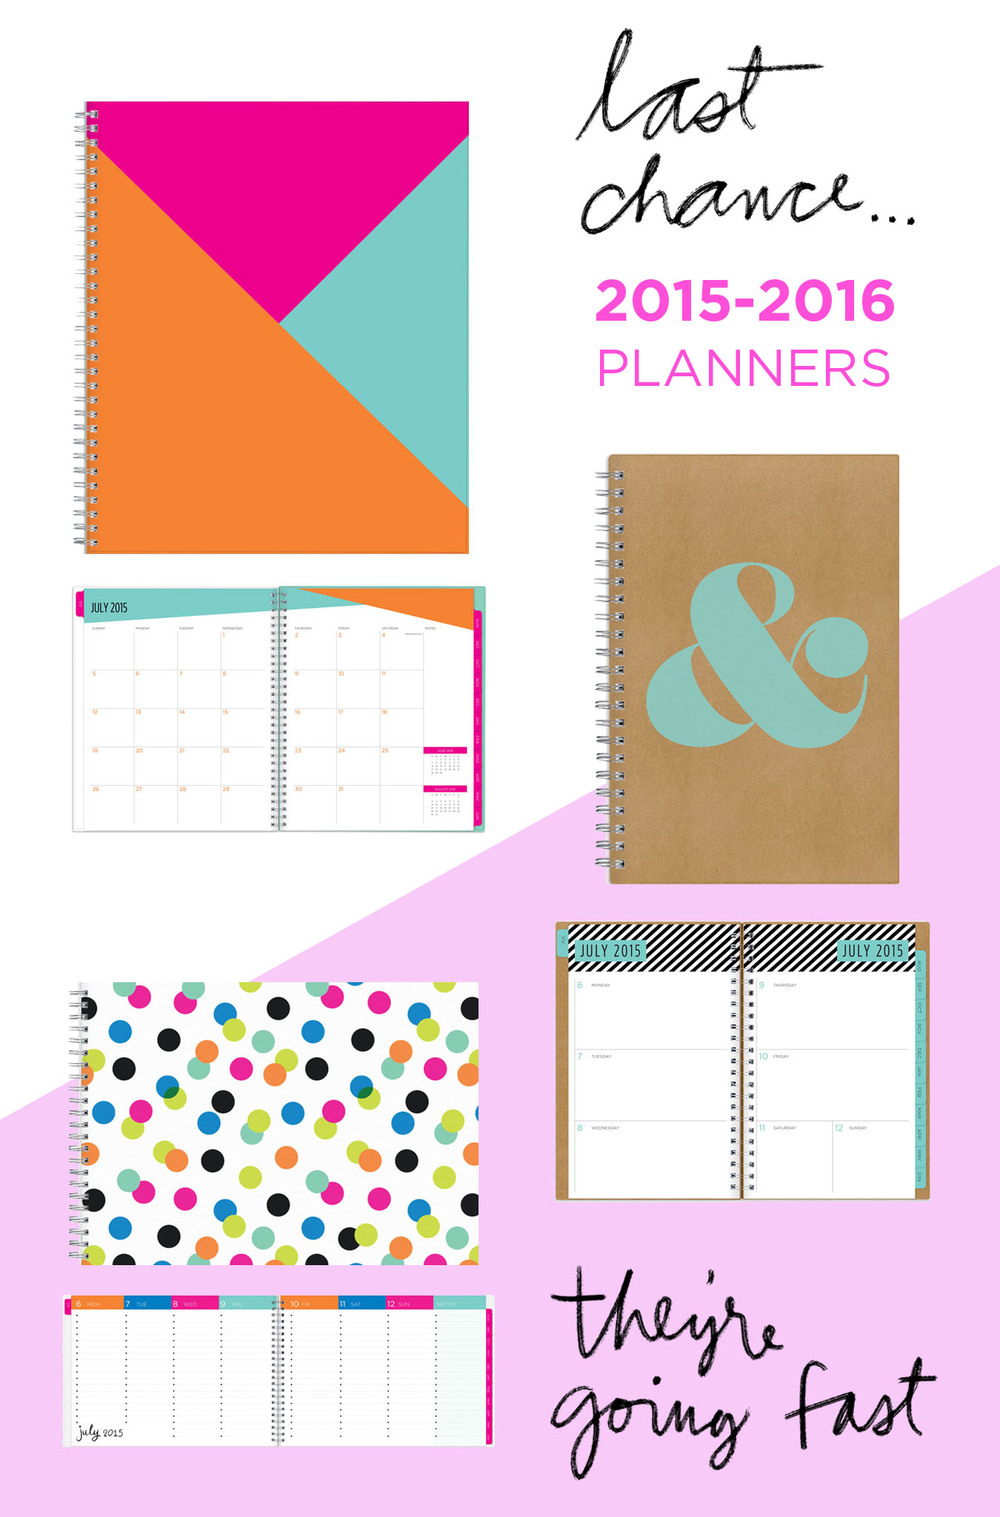 Ampersand_PlannersCalendars20152016